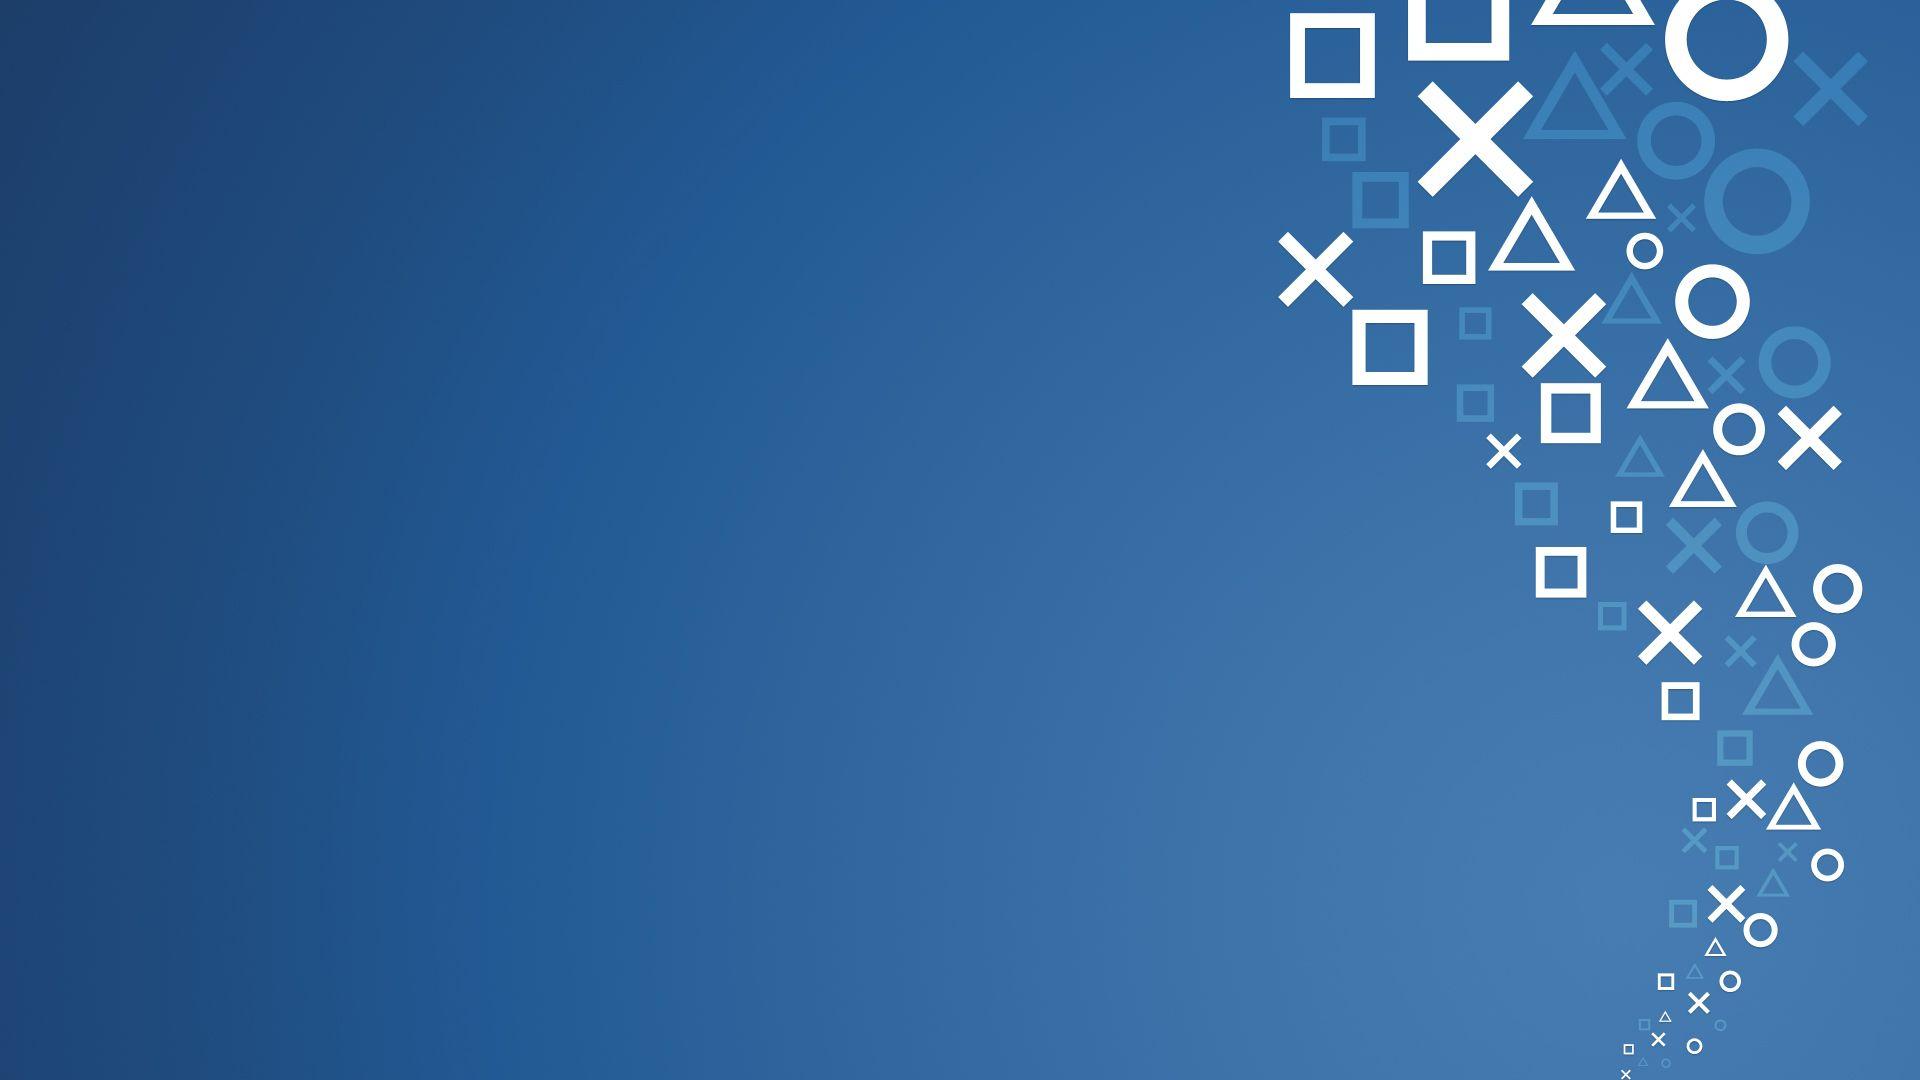 Desktophdwallpaper Org Playstation Wallpaper Abstract Wallpaper